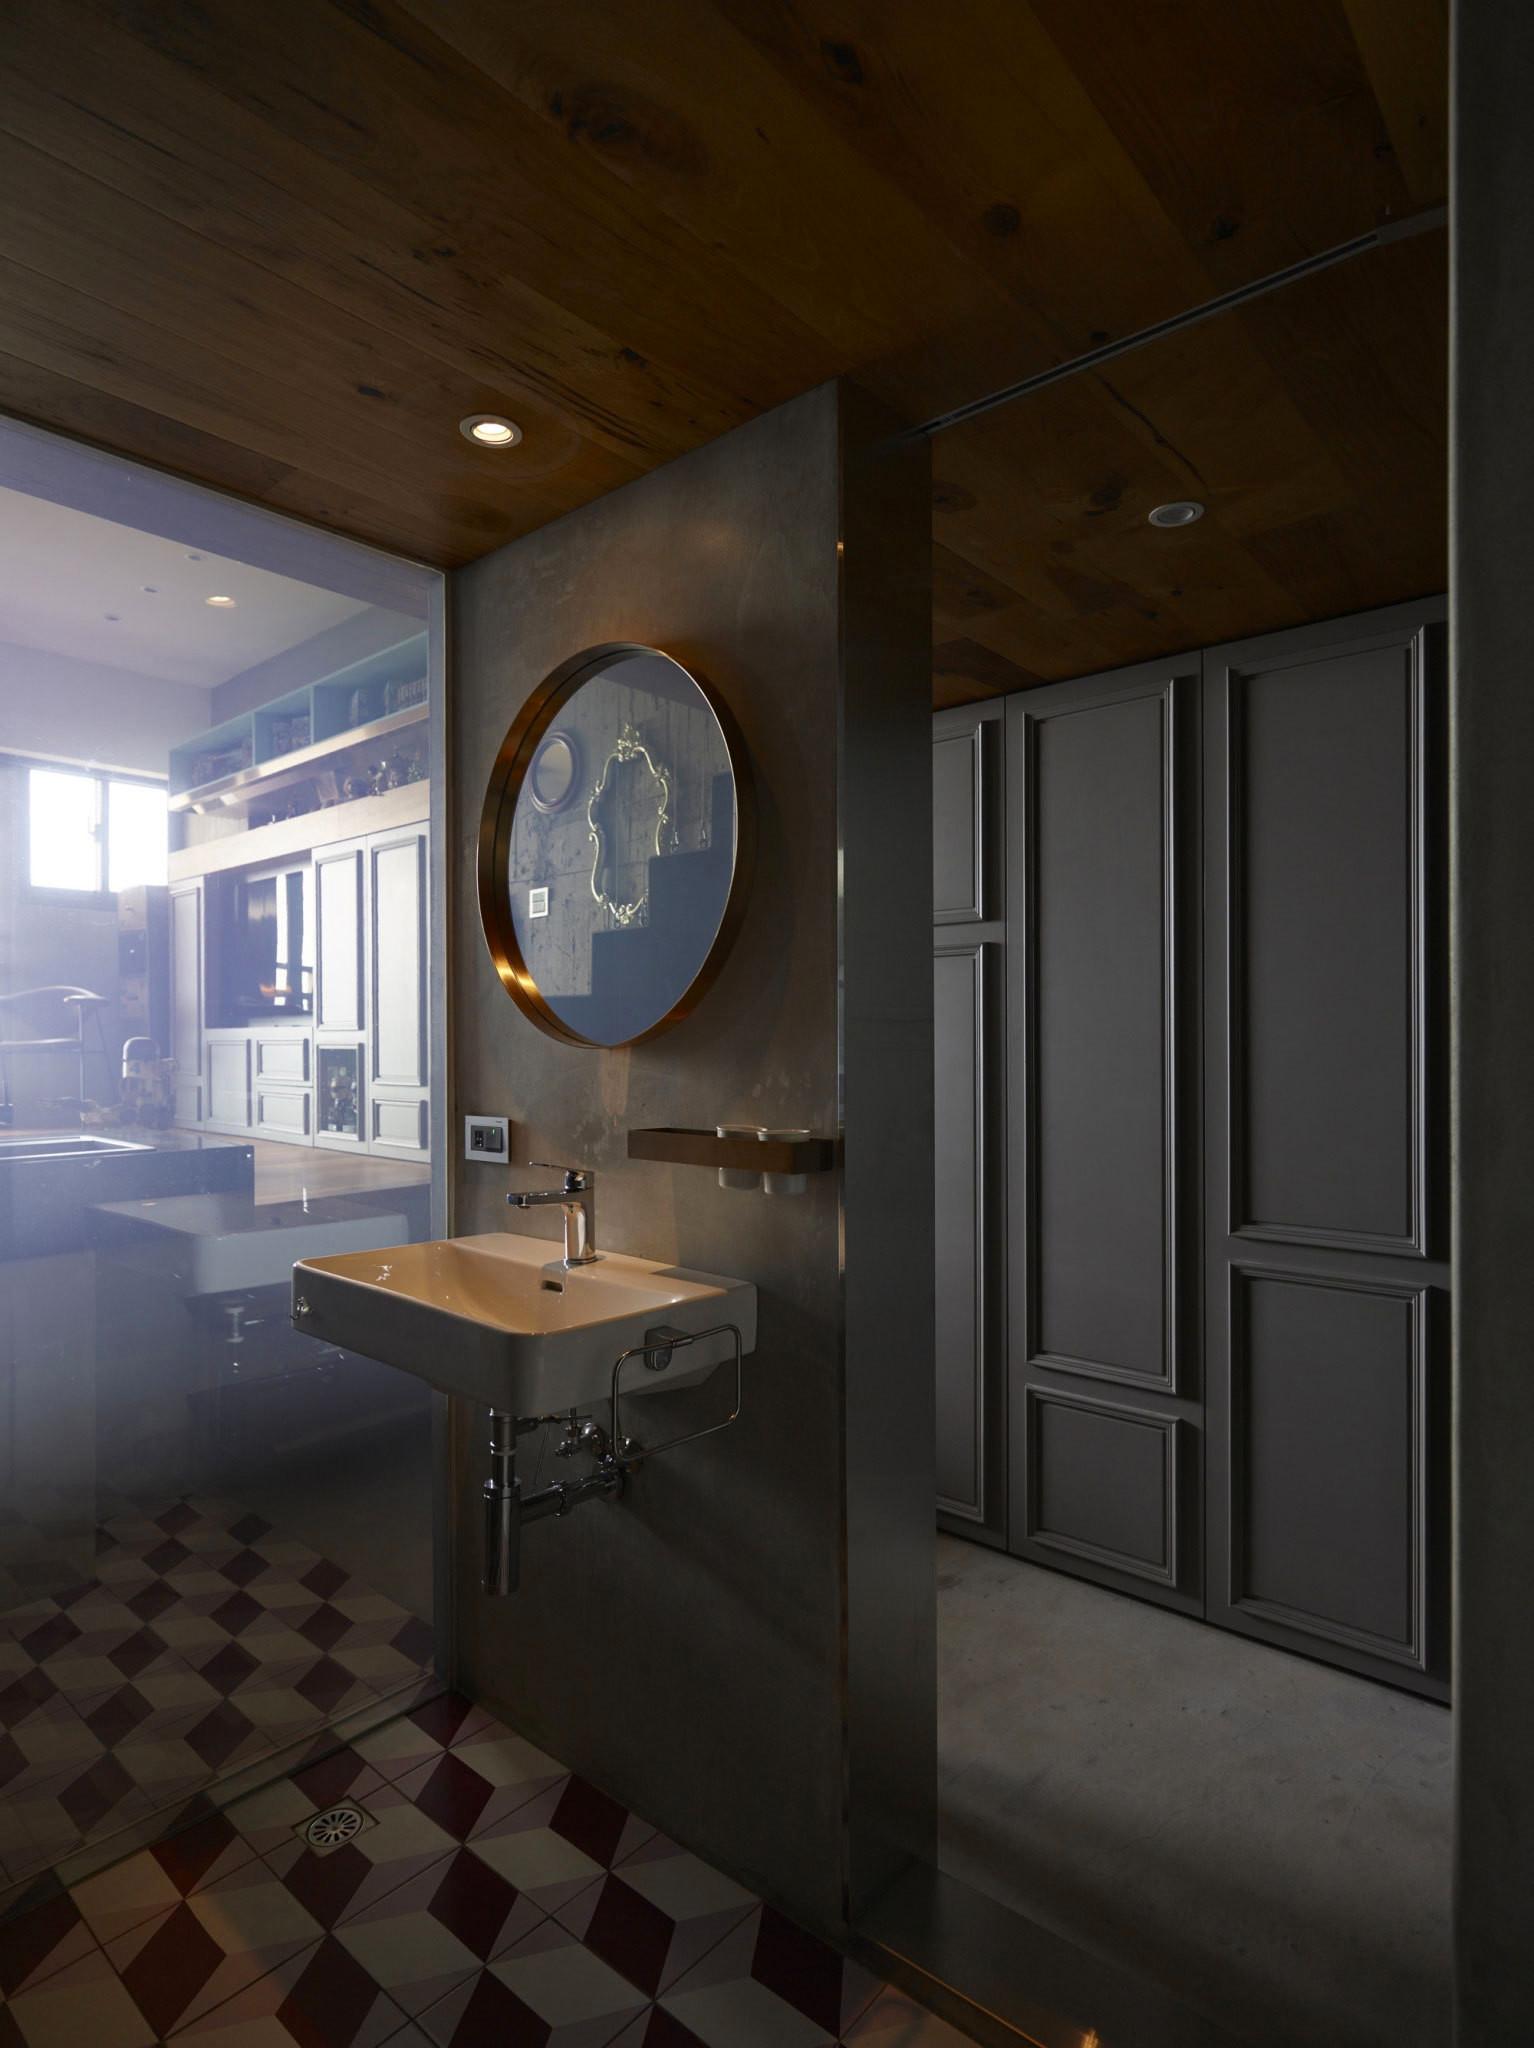 Bathroom in a studio apartment